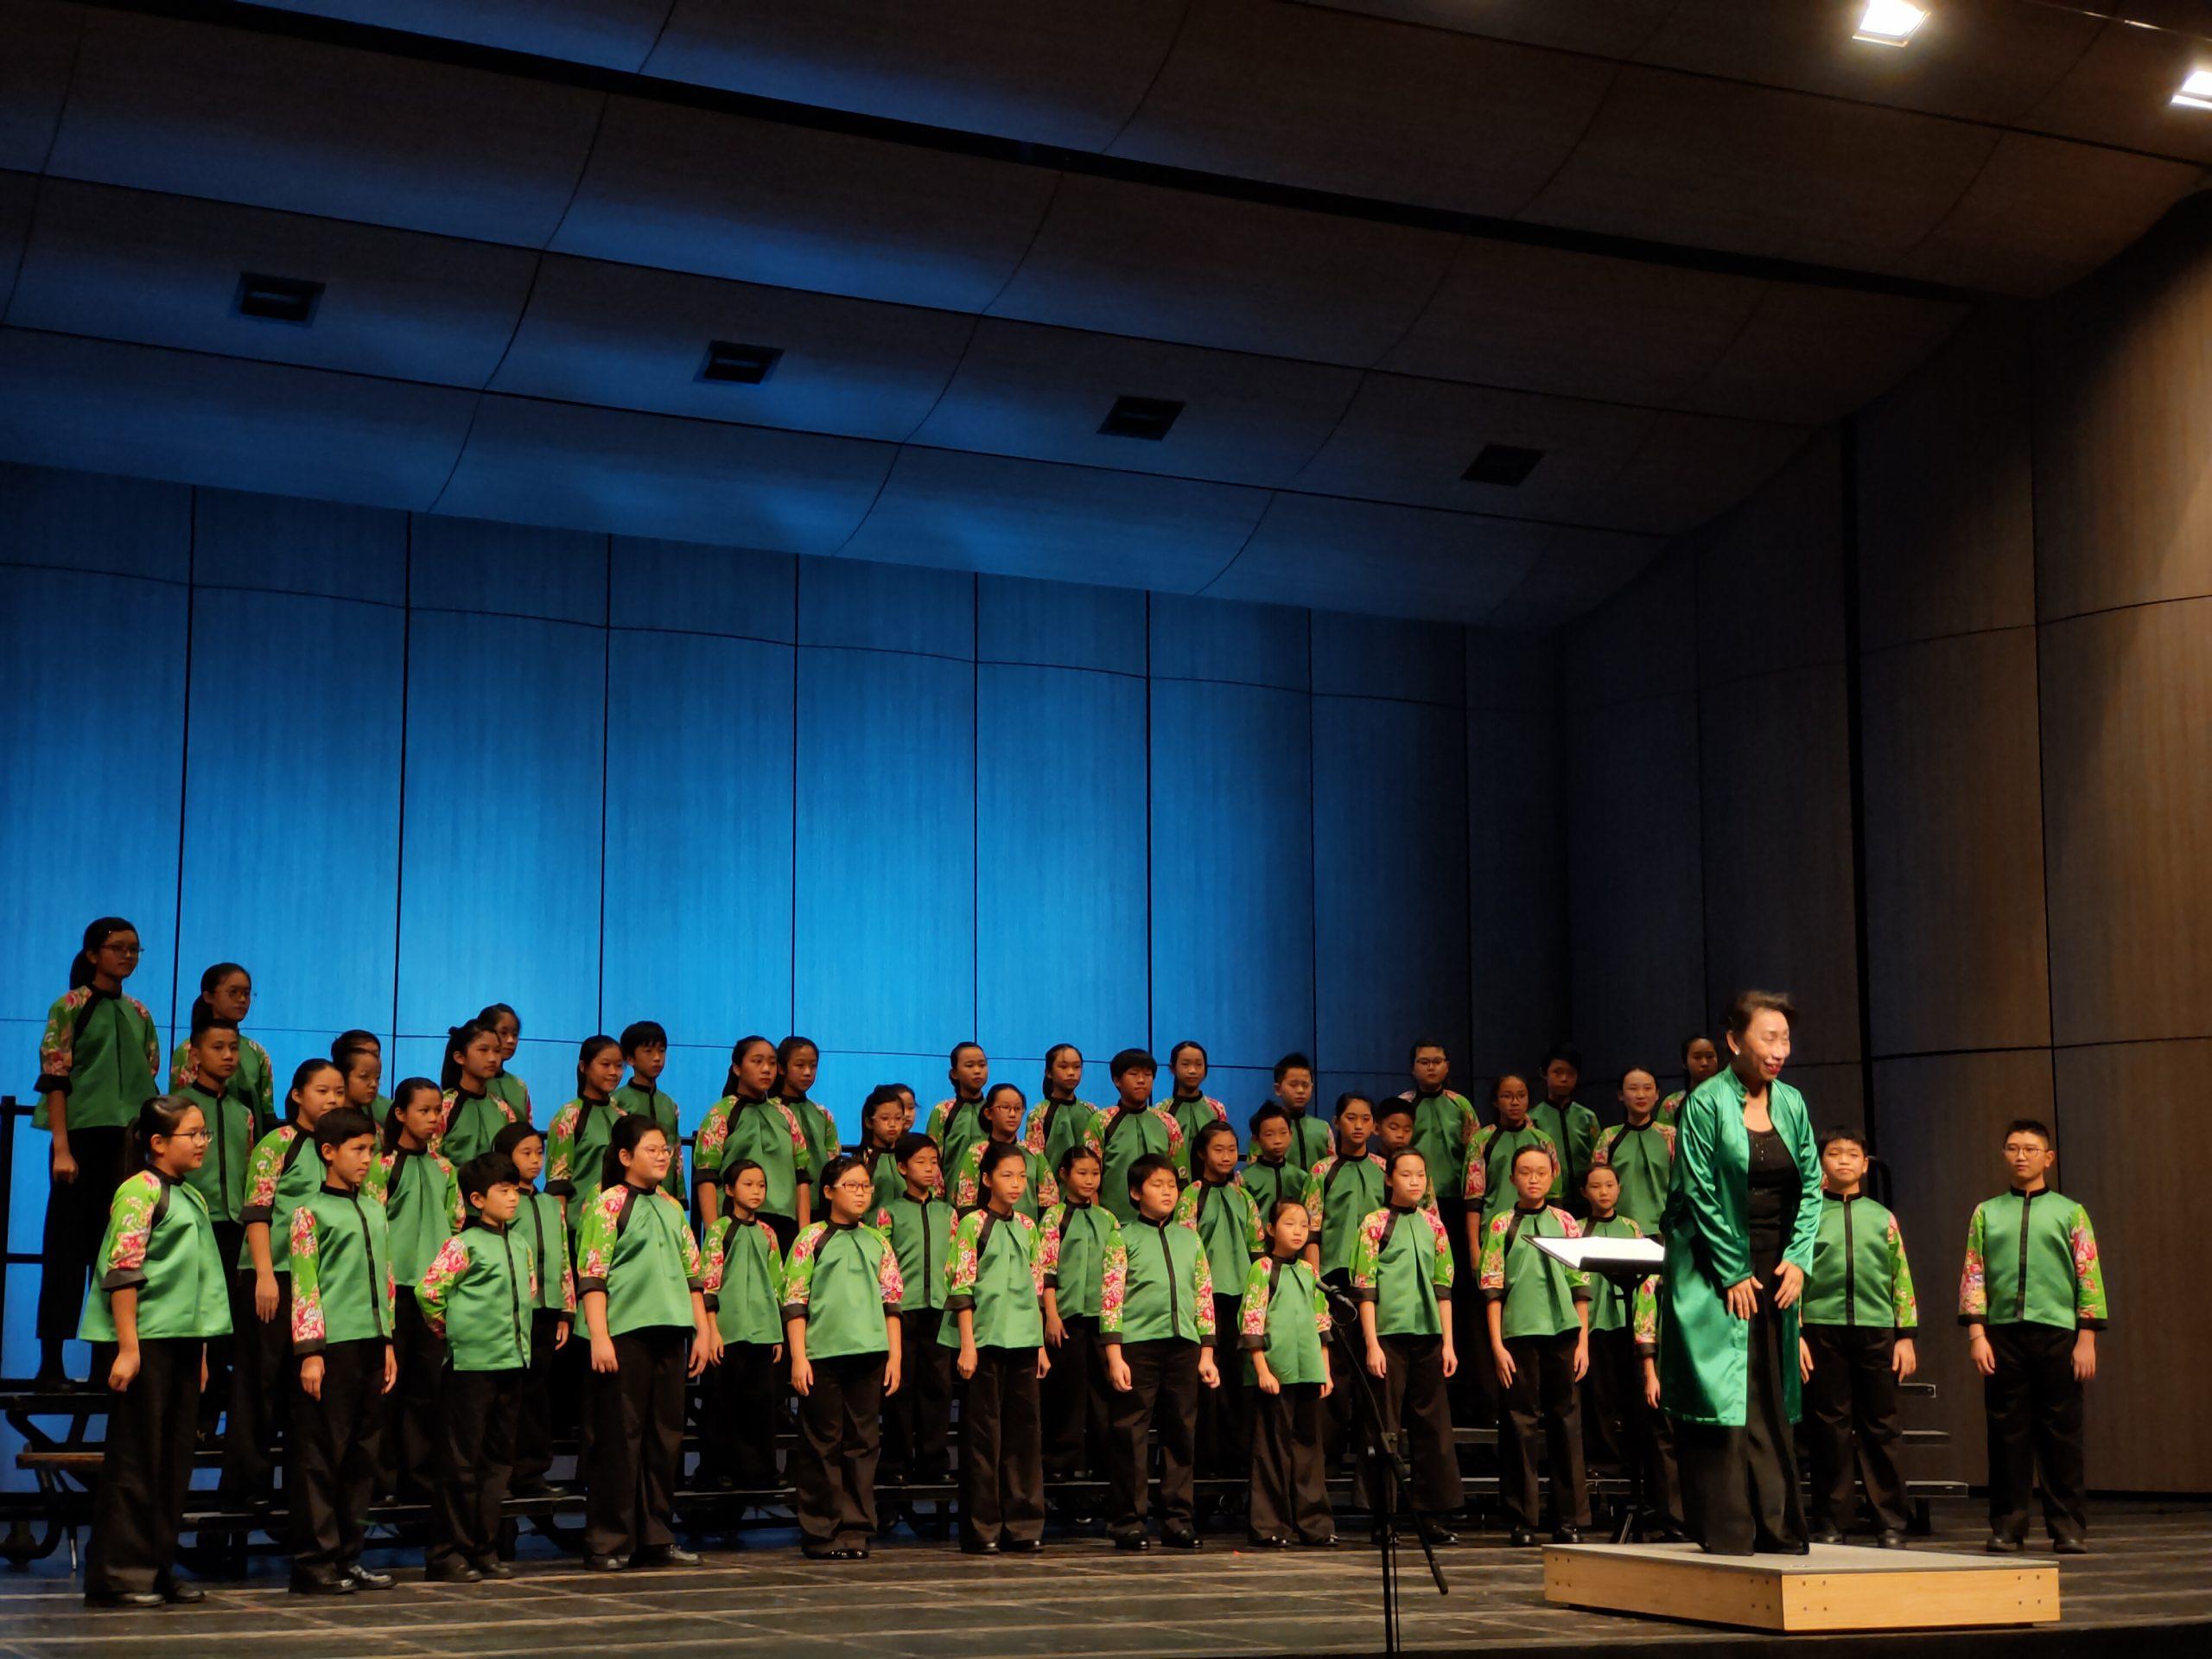 2020國立客家兒童合唱團創團音樂會-新竹場 優美童聲唱出延綿希望